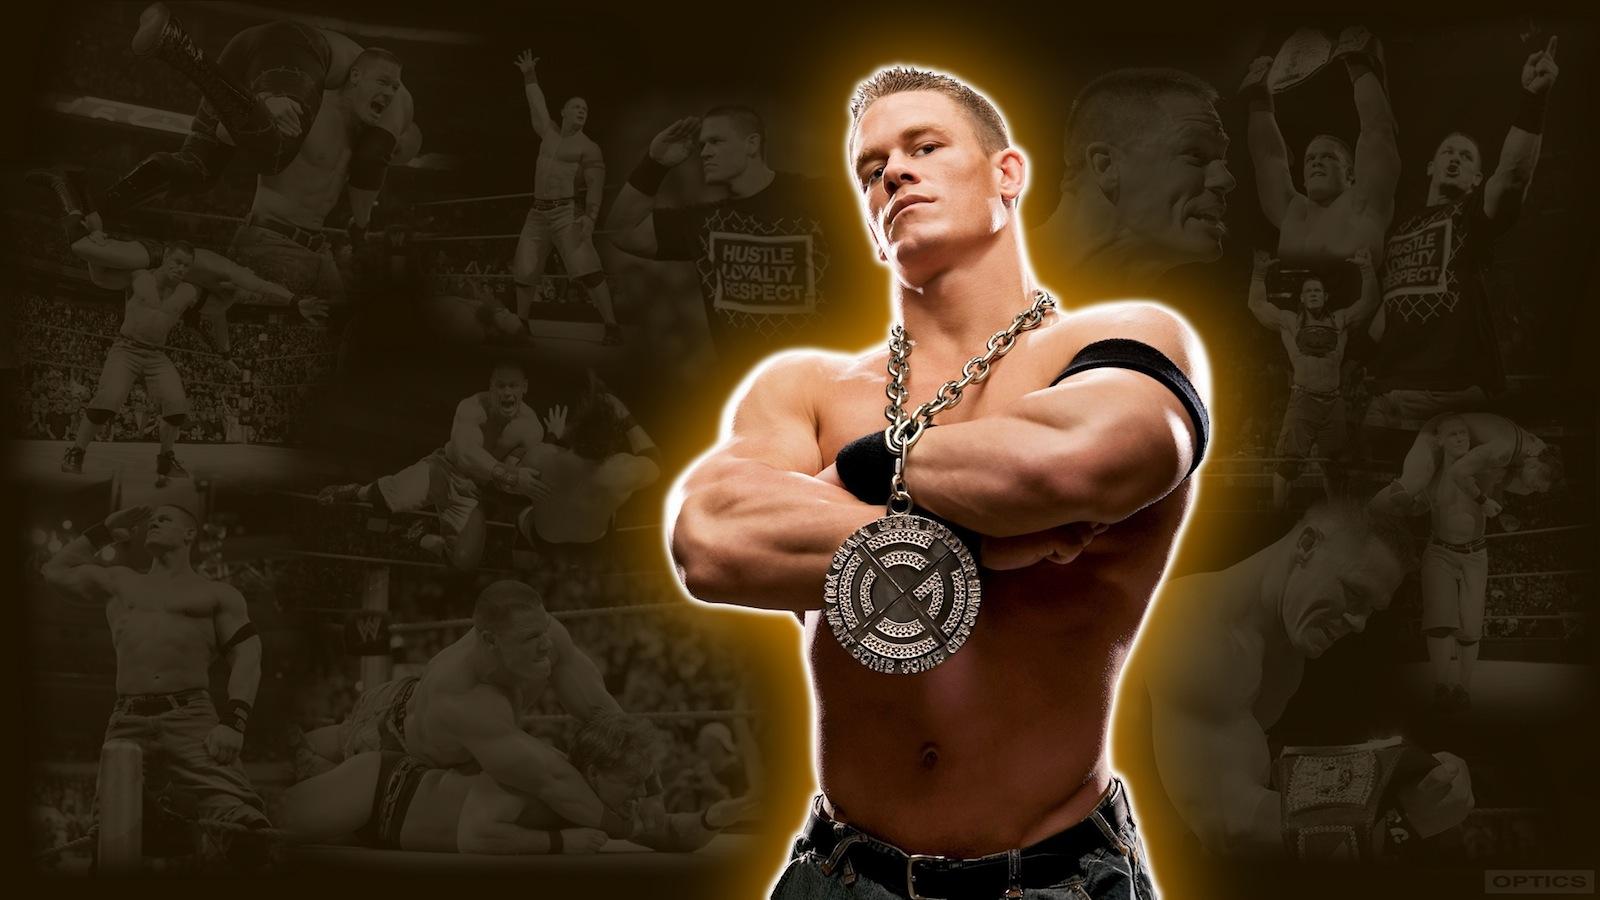 http://4.bp.blogspot.com/-noTyn2O2H3I/T_k-HhF8IMI/AAAAAAAAA6M/eyFhFqNjelk/s1600/John_Cena___WWE_Wallpaper_by_0PT1C5.jpg